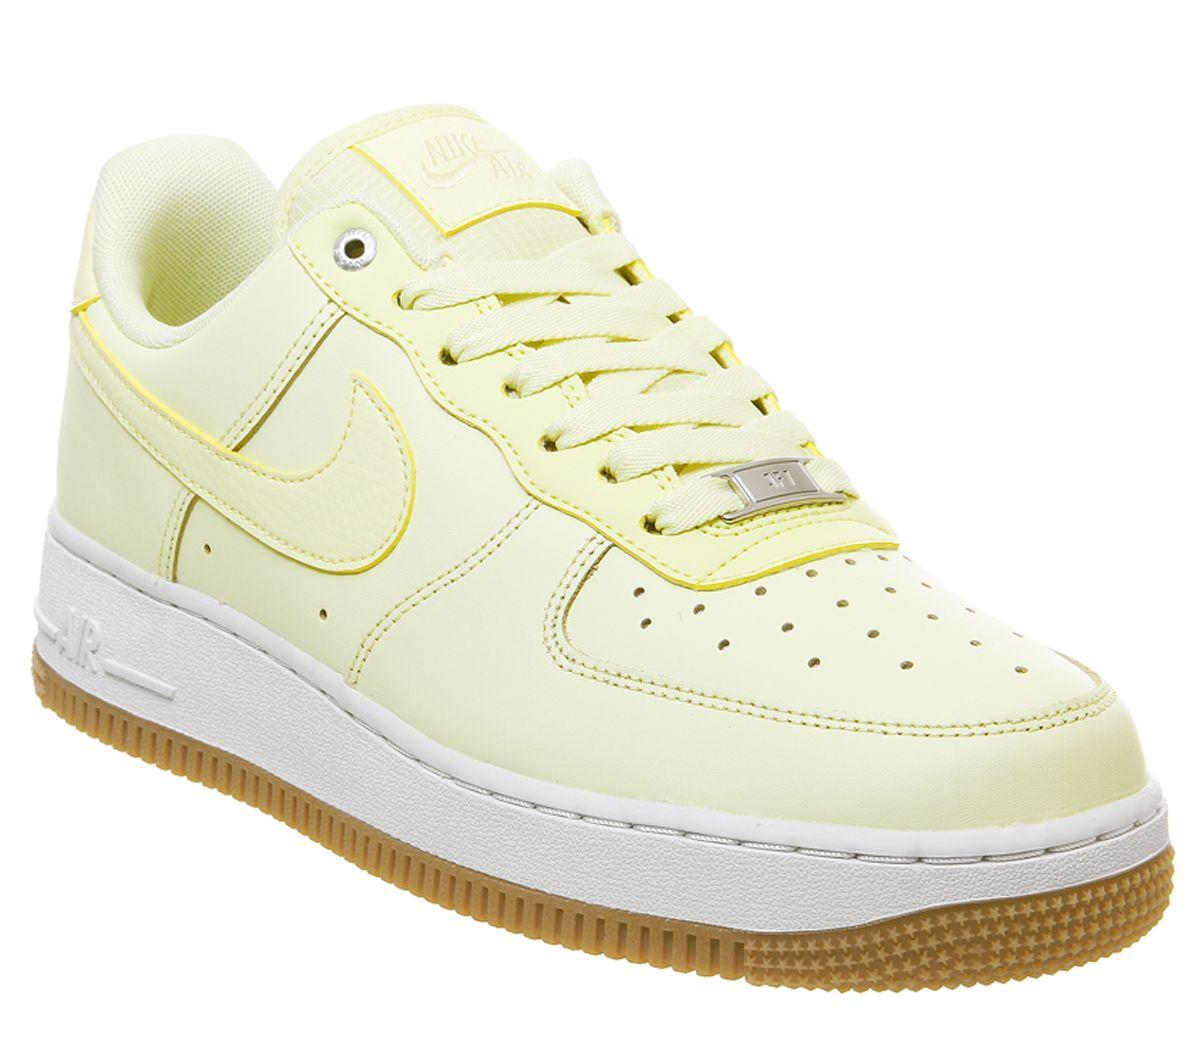 Paire de chaussures Nike air force 1 louminous - Import UK